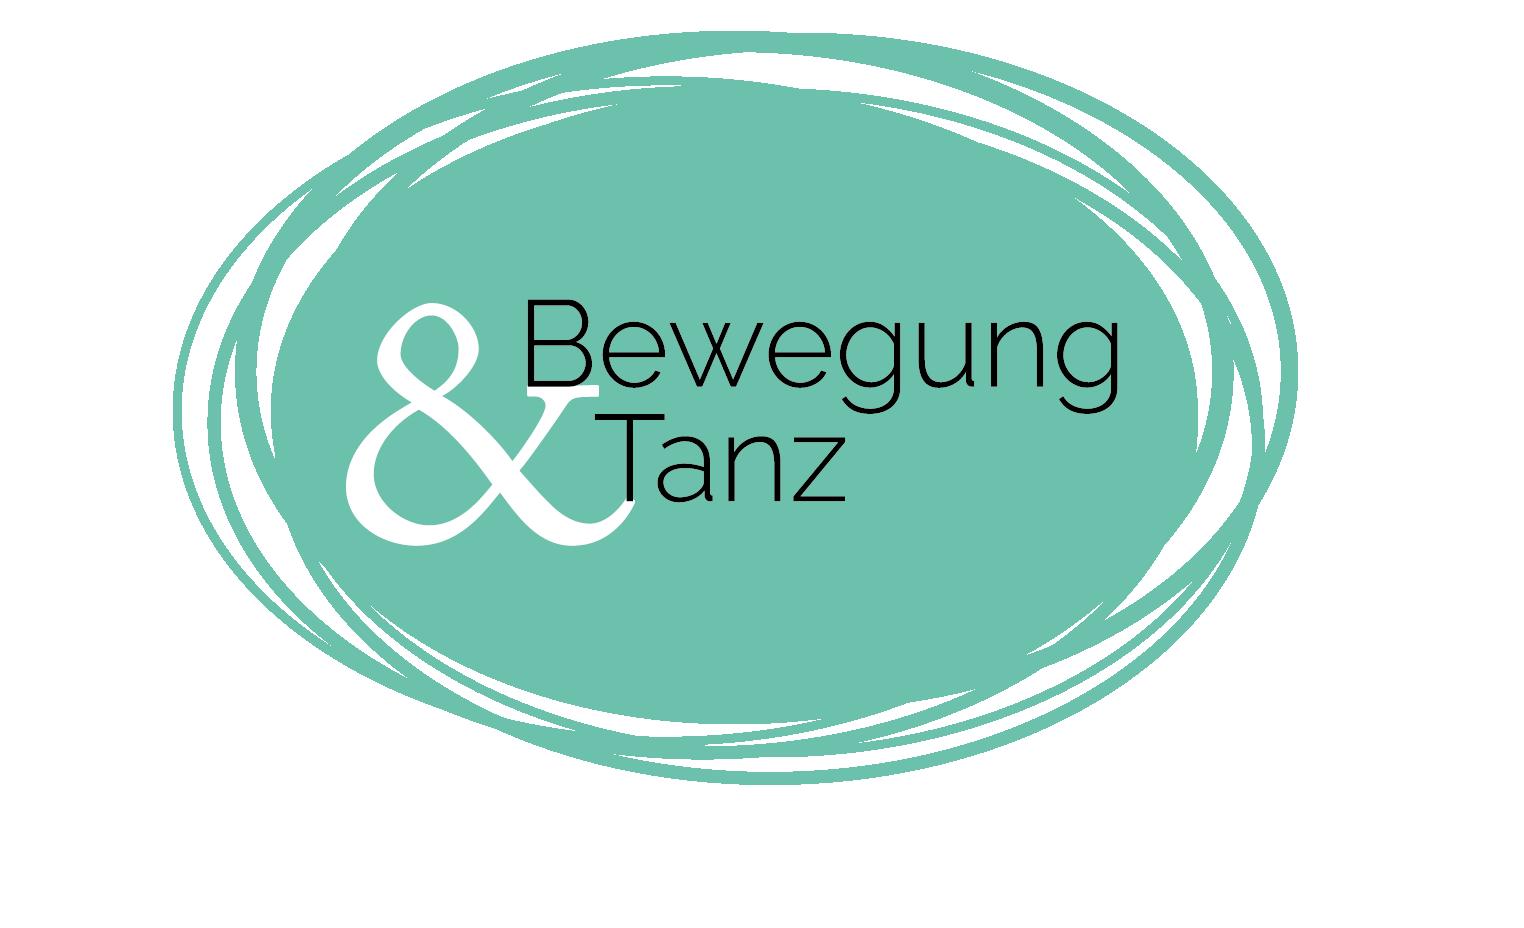 annina_bewegung_und_tanz-kopie